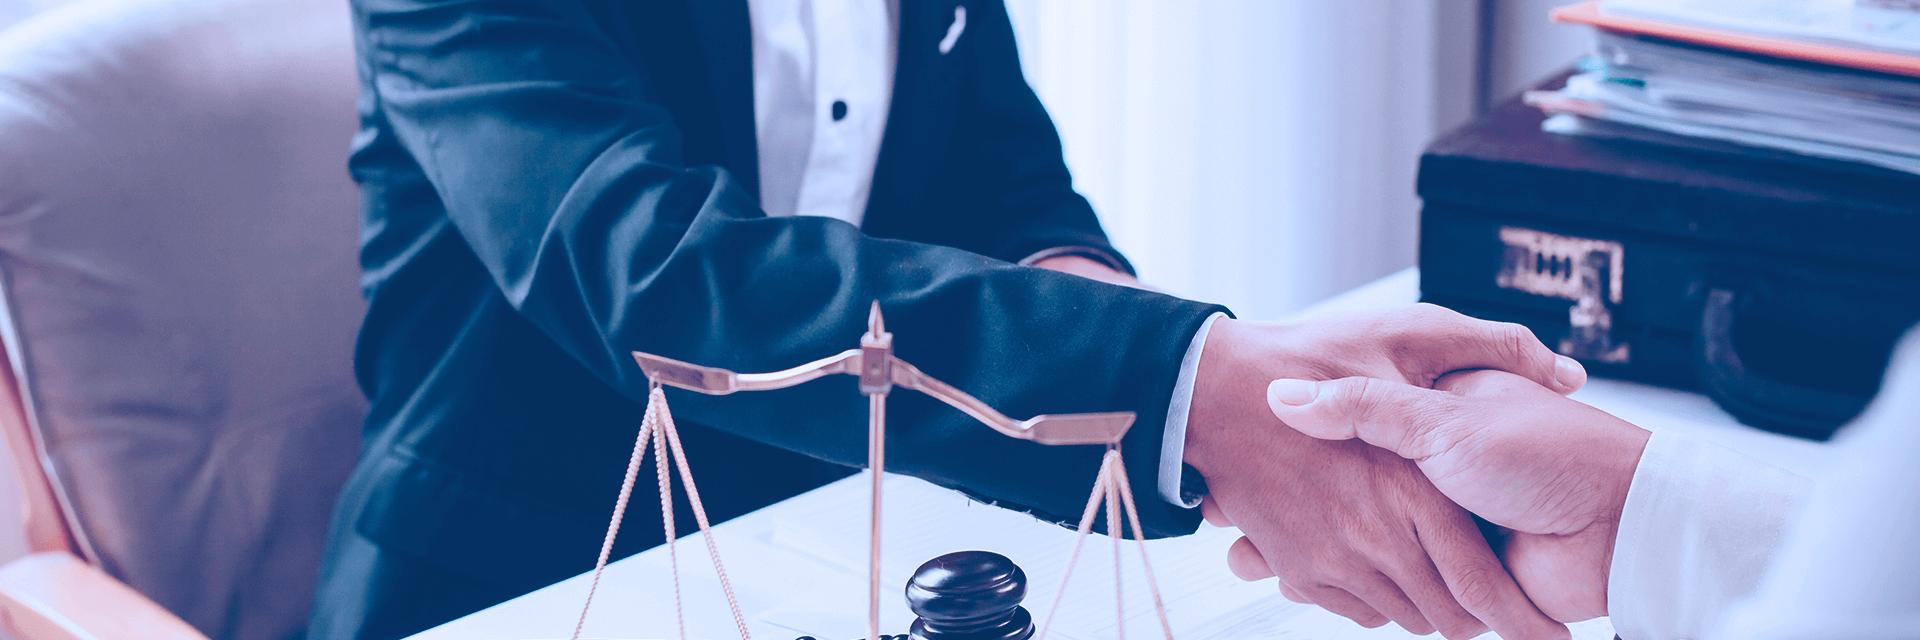 Saiba quais são as leis que regem o trabalho em home office